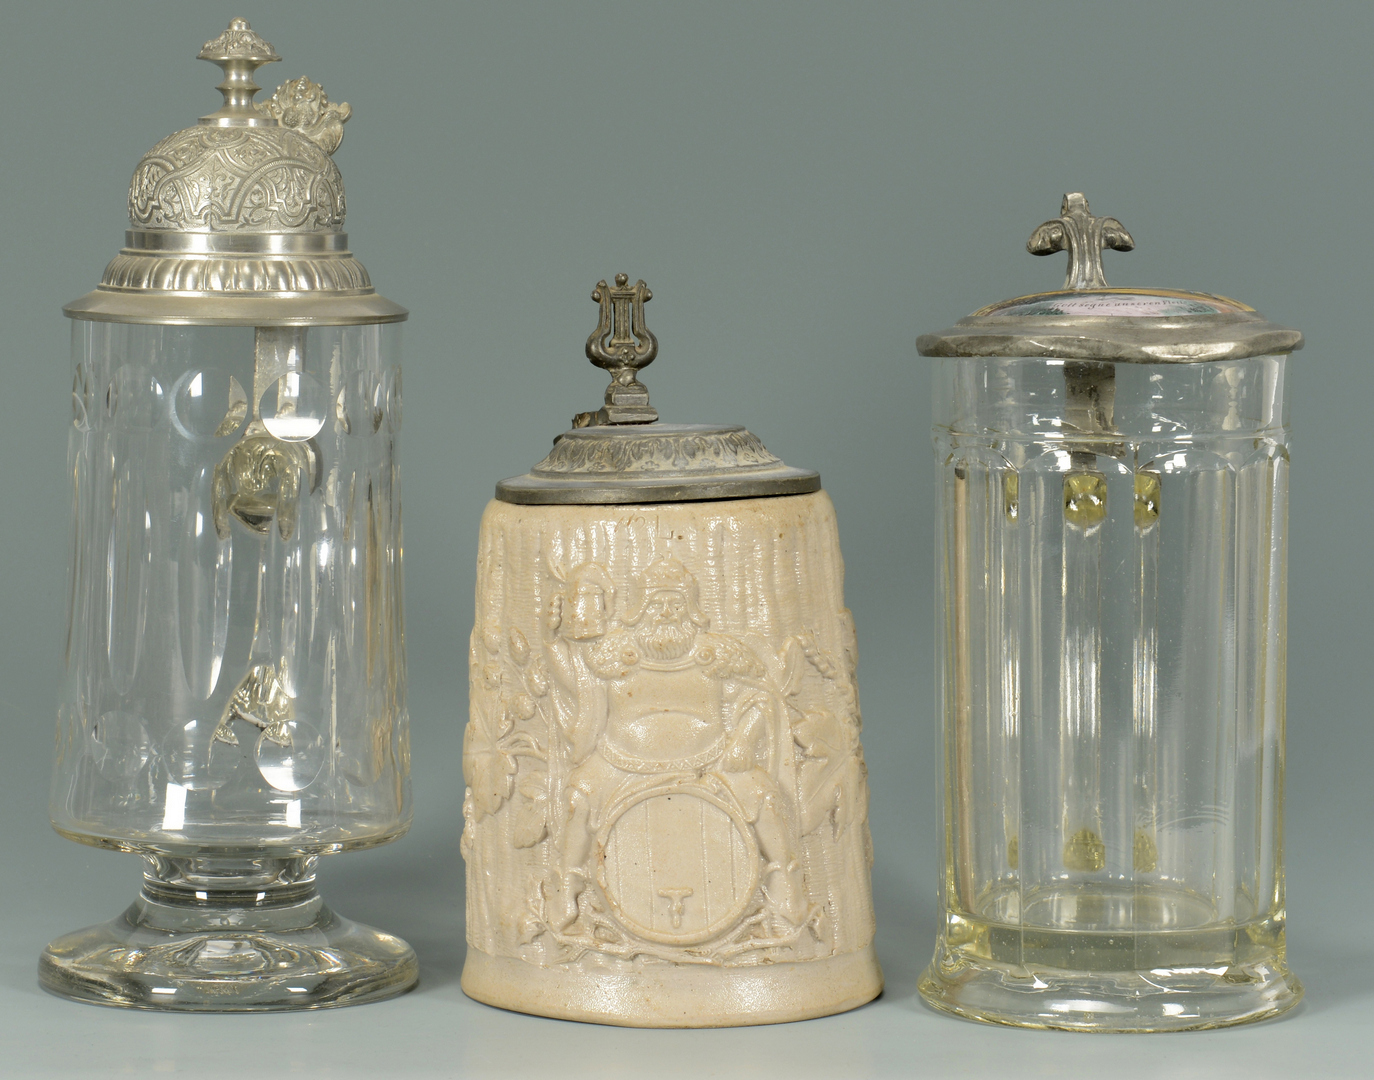 Lot 3088352: 7 German Steins – 4 Glass & 3 Earthenware